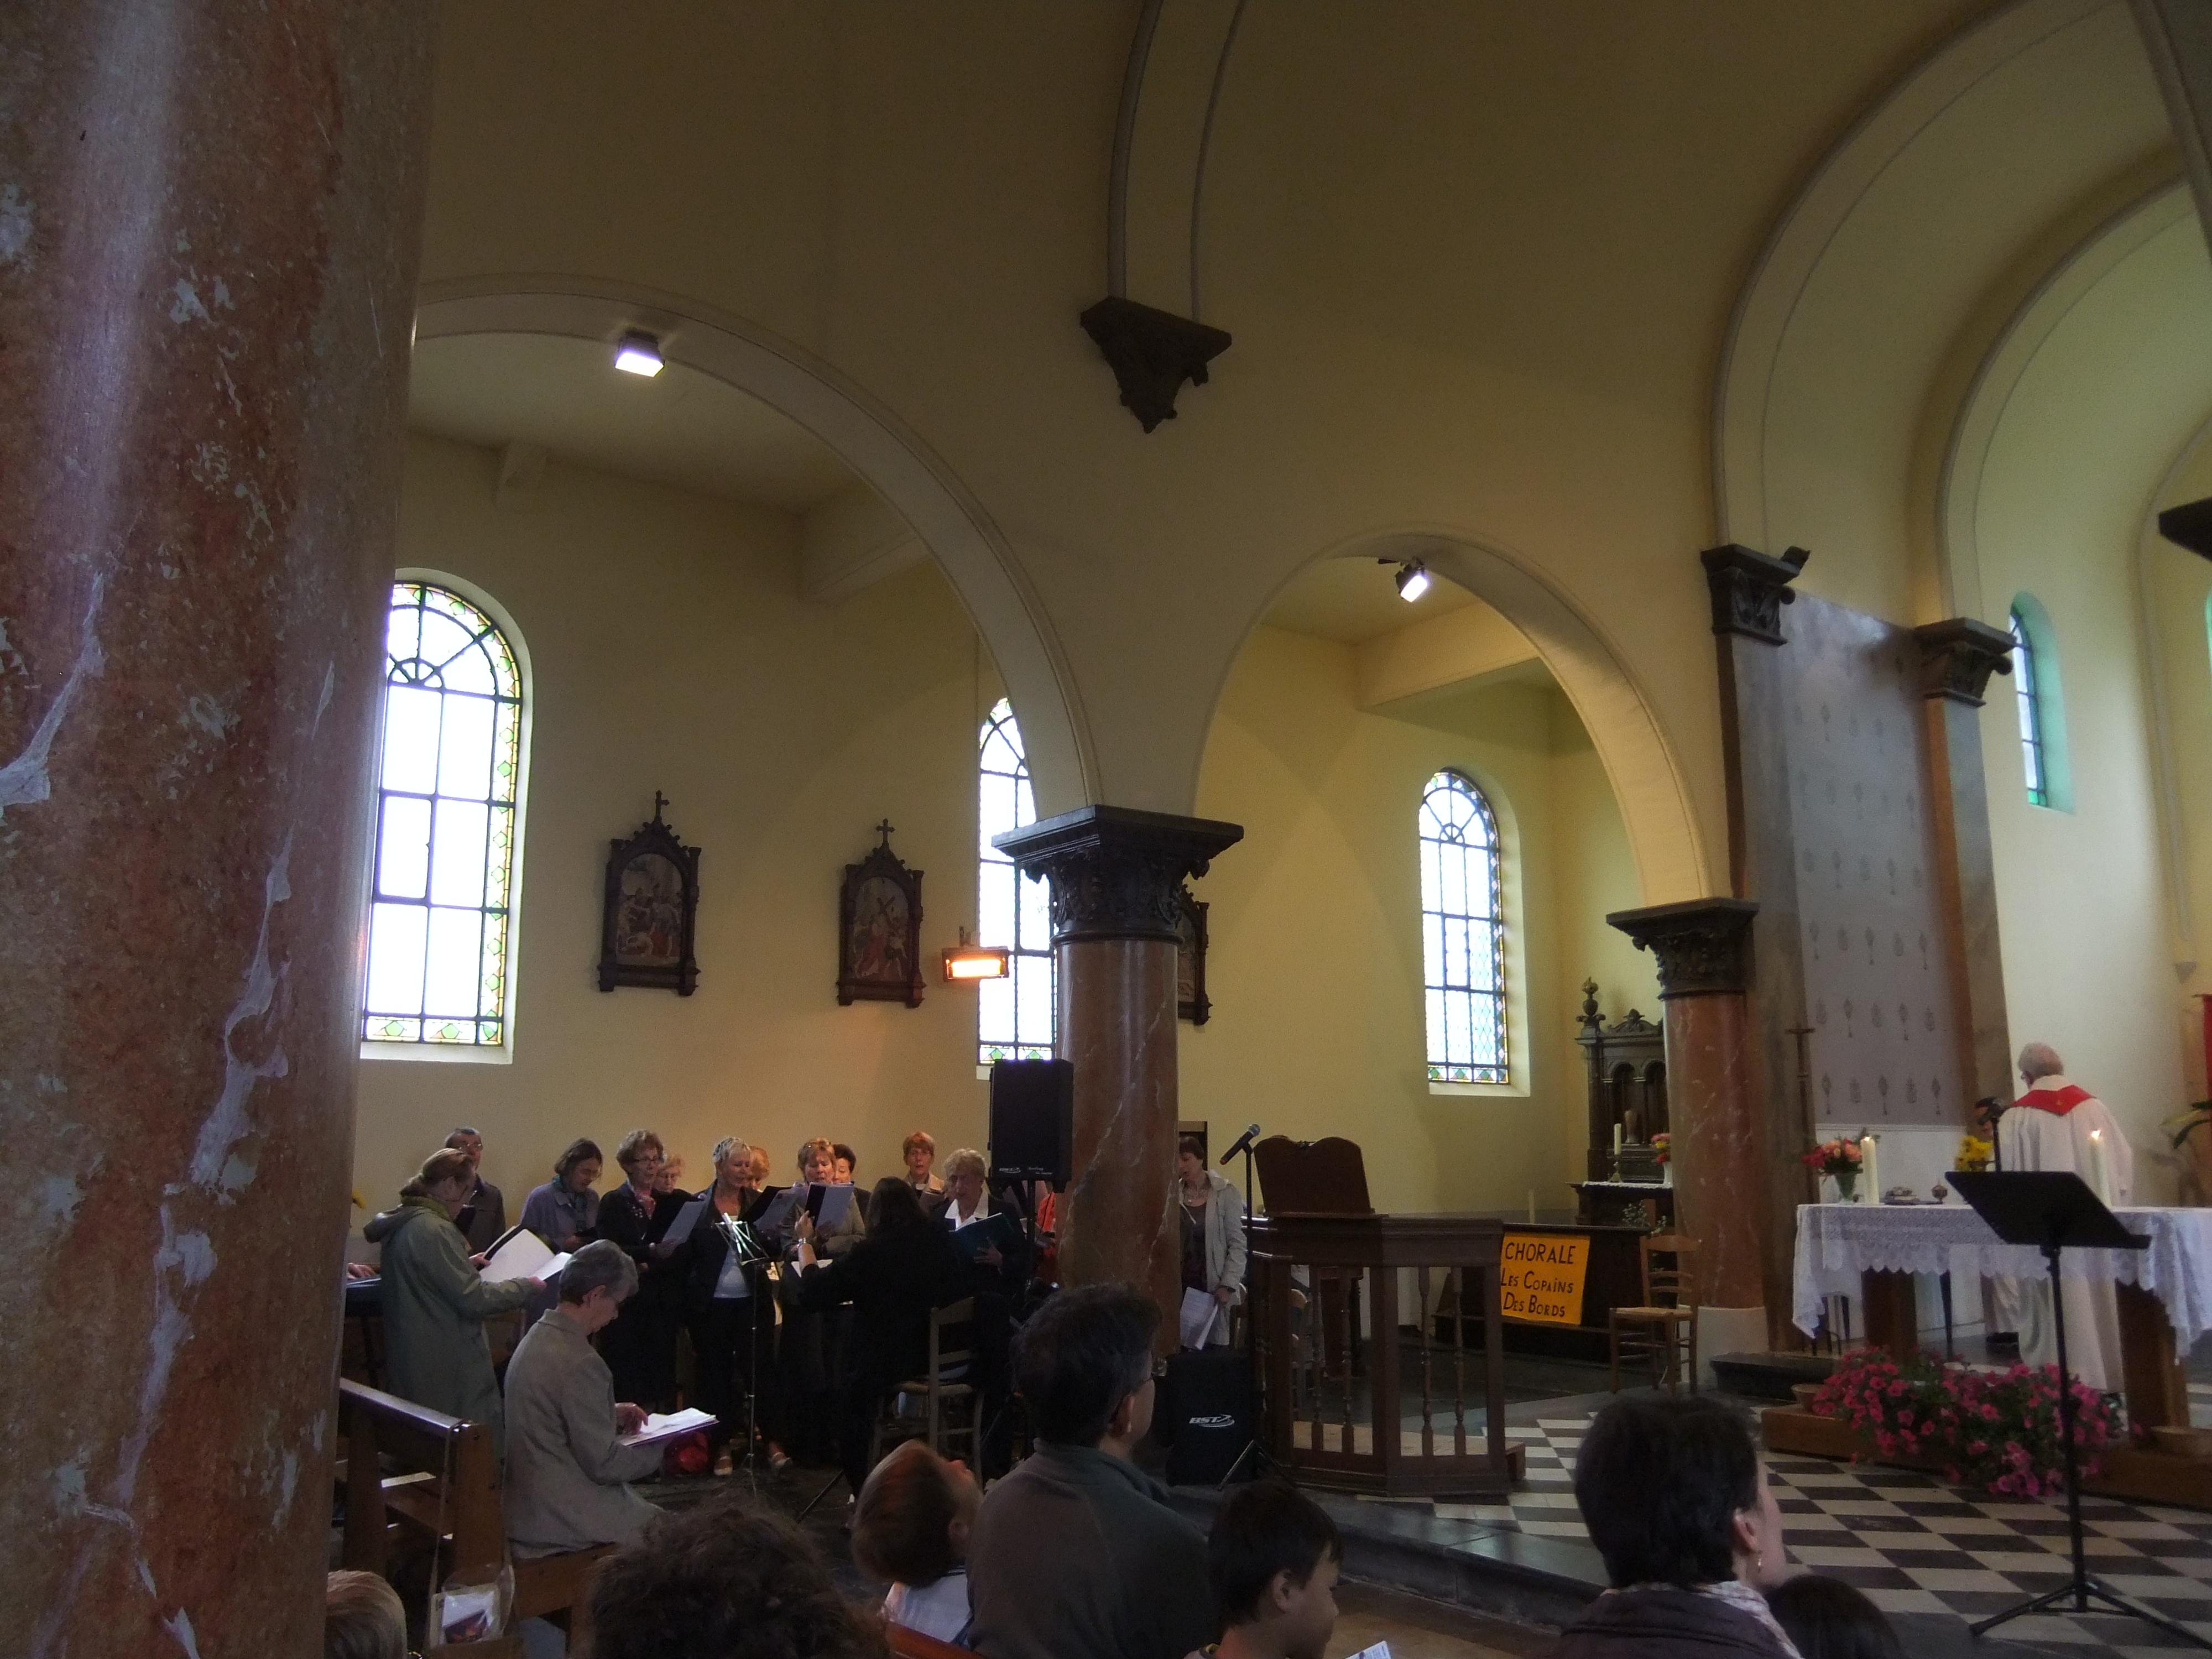 La chorale à l'Eglise St MAURICE A l'occasion de la fete St MAURICE le 23-12-2012